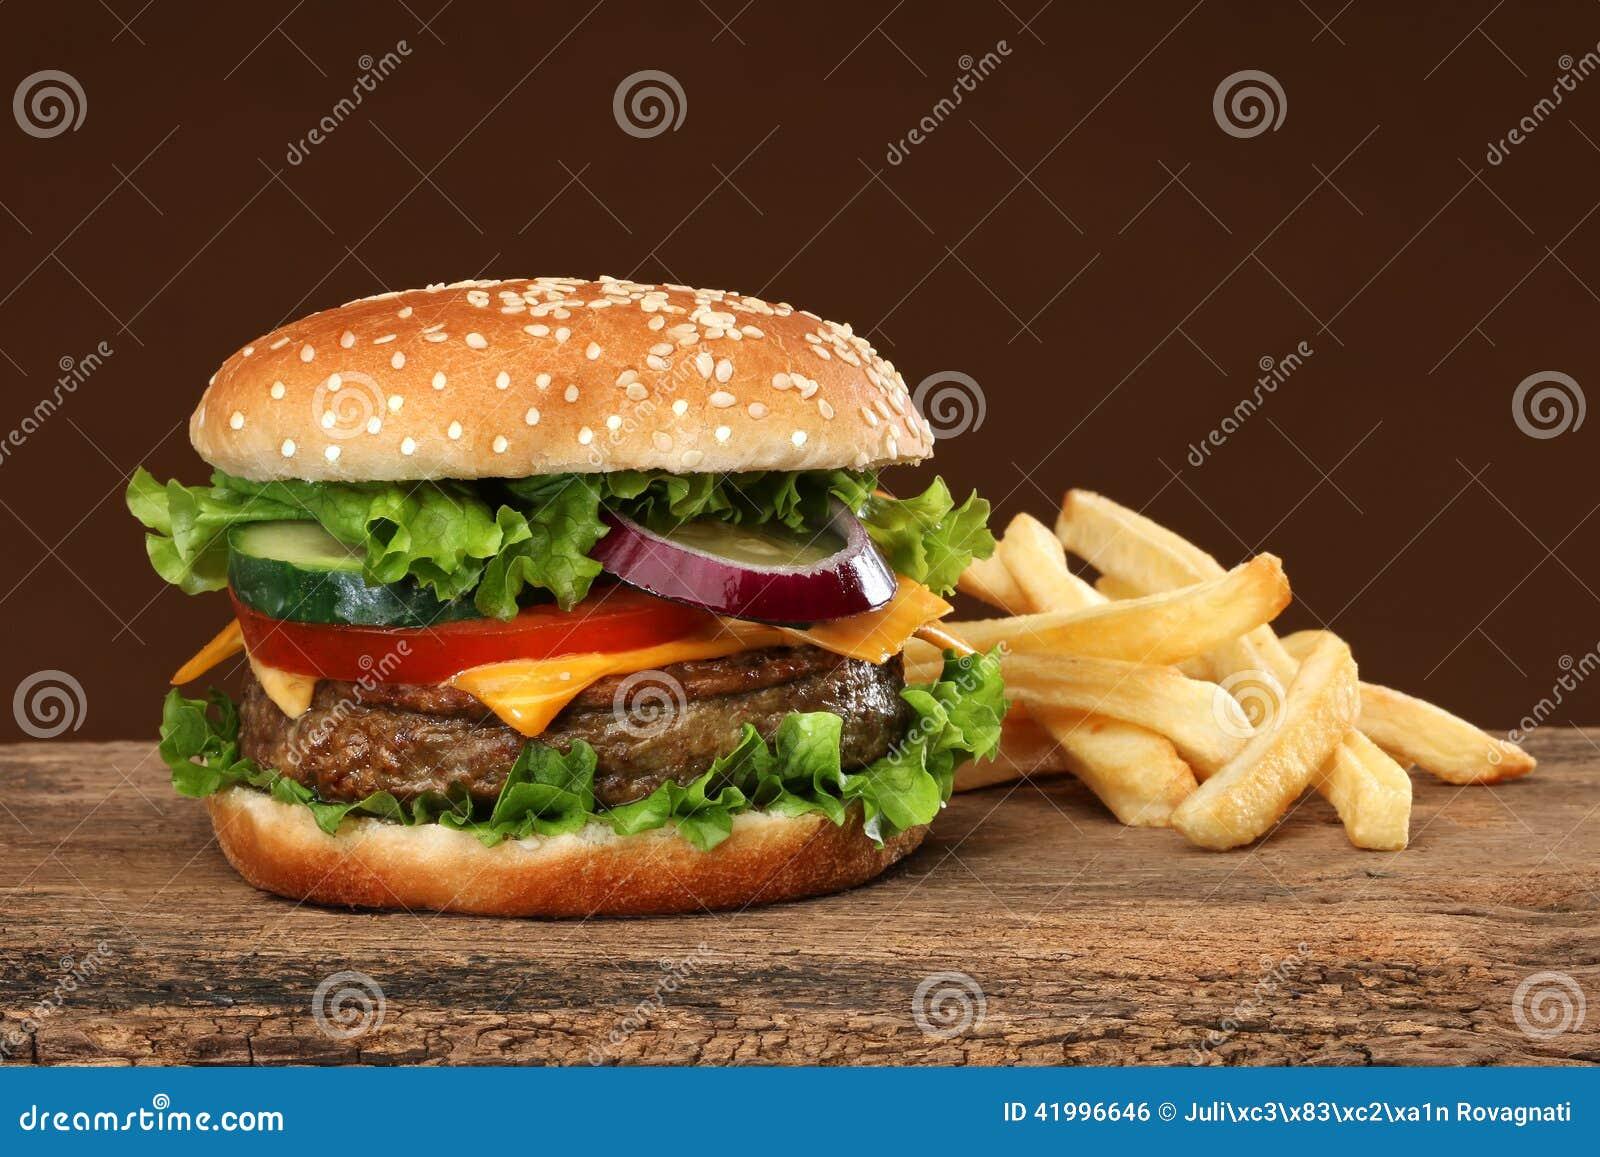 smakelijke hamburger en franse frites stock foto afbeelding 41996646. Black Bedroom Furniture Sets. Home Design Ideas